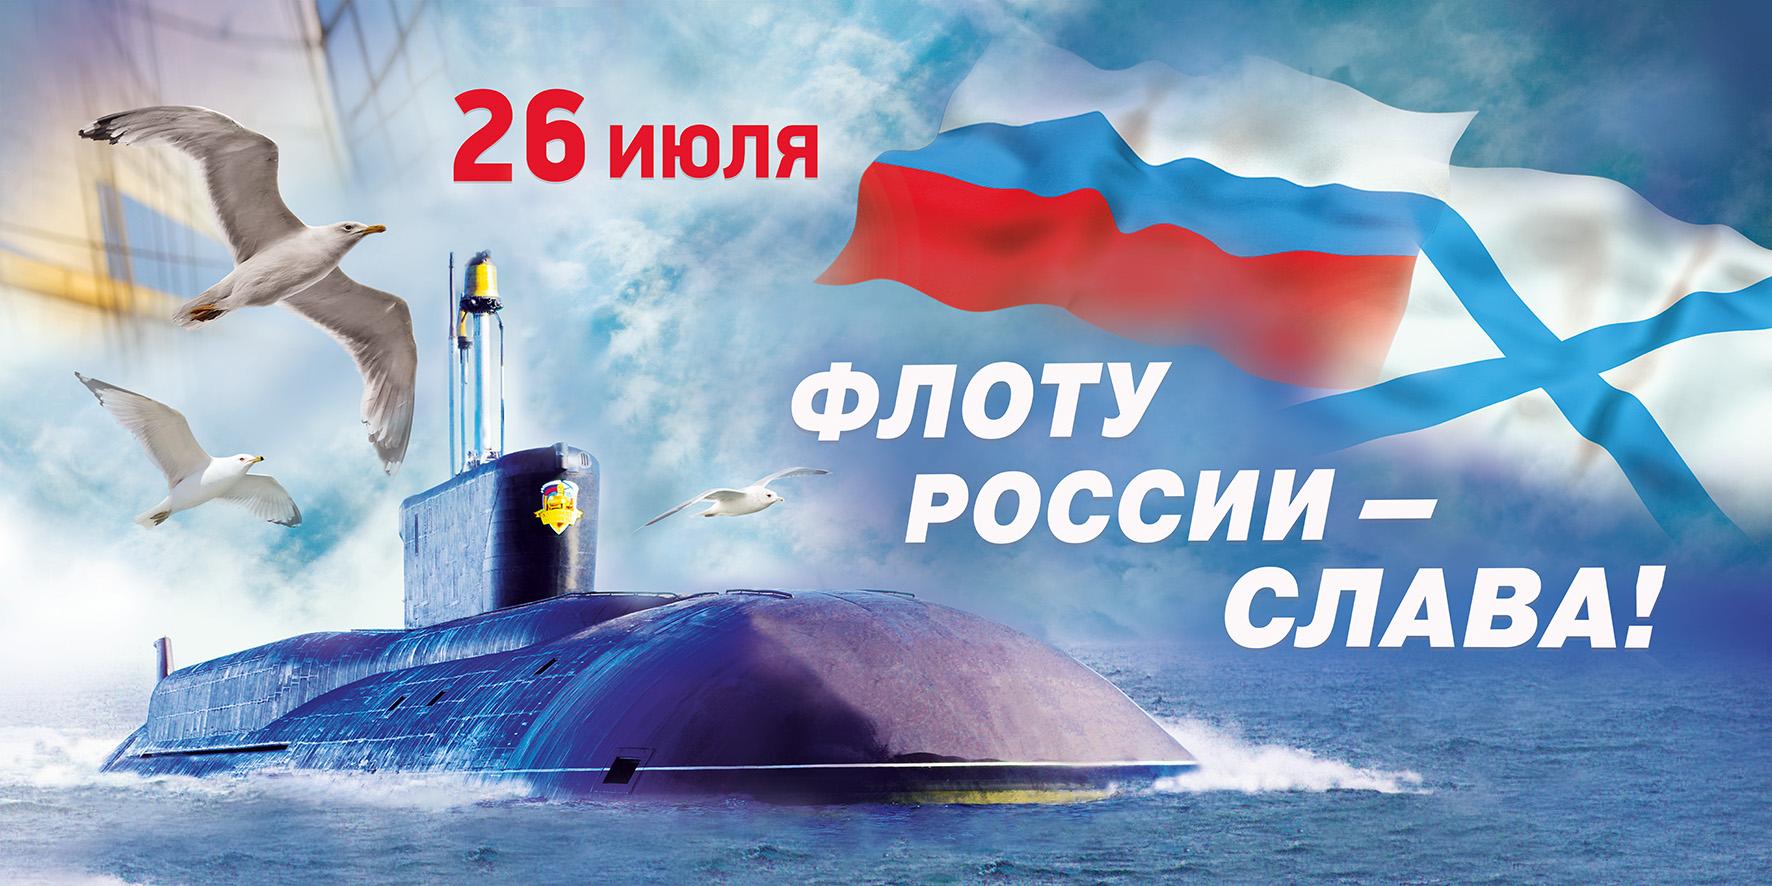 ВМФ_макет52_600х300